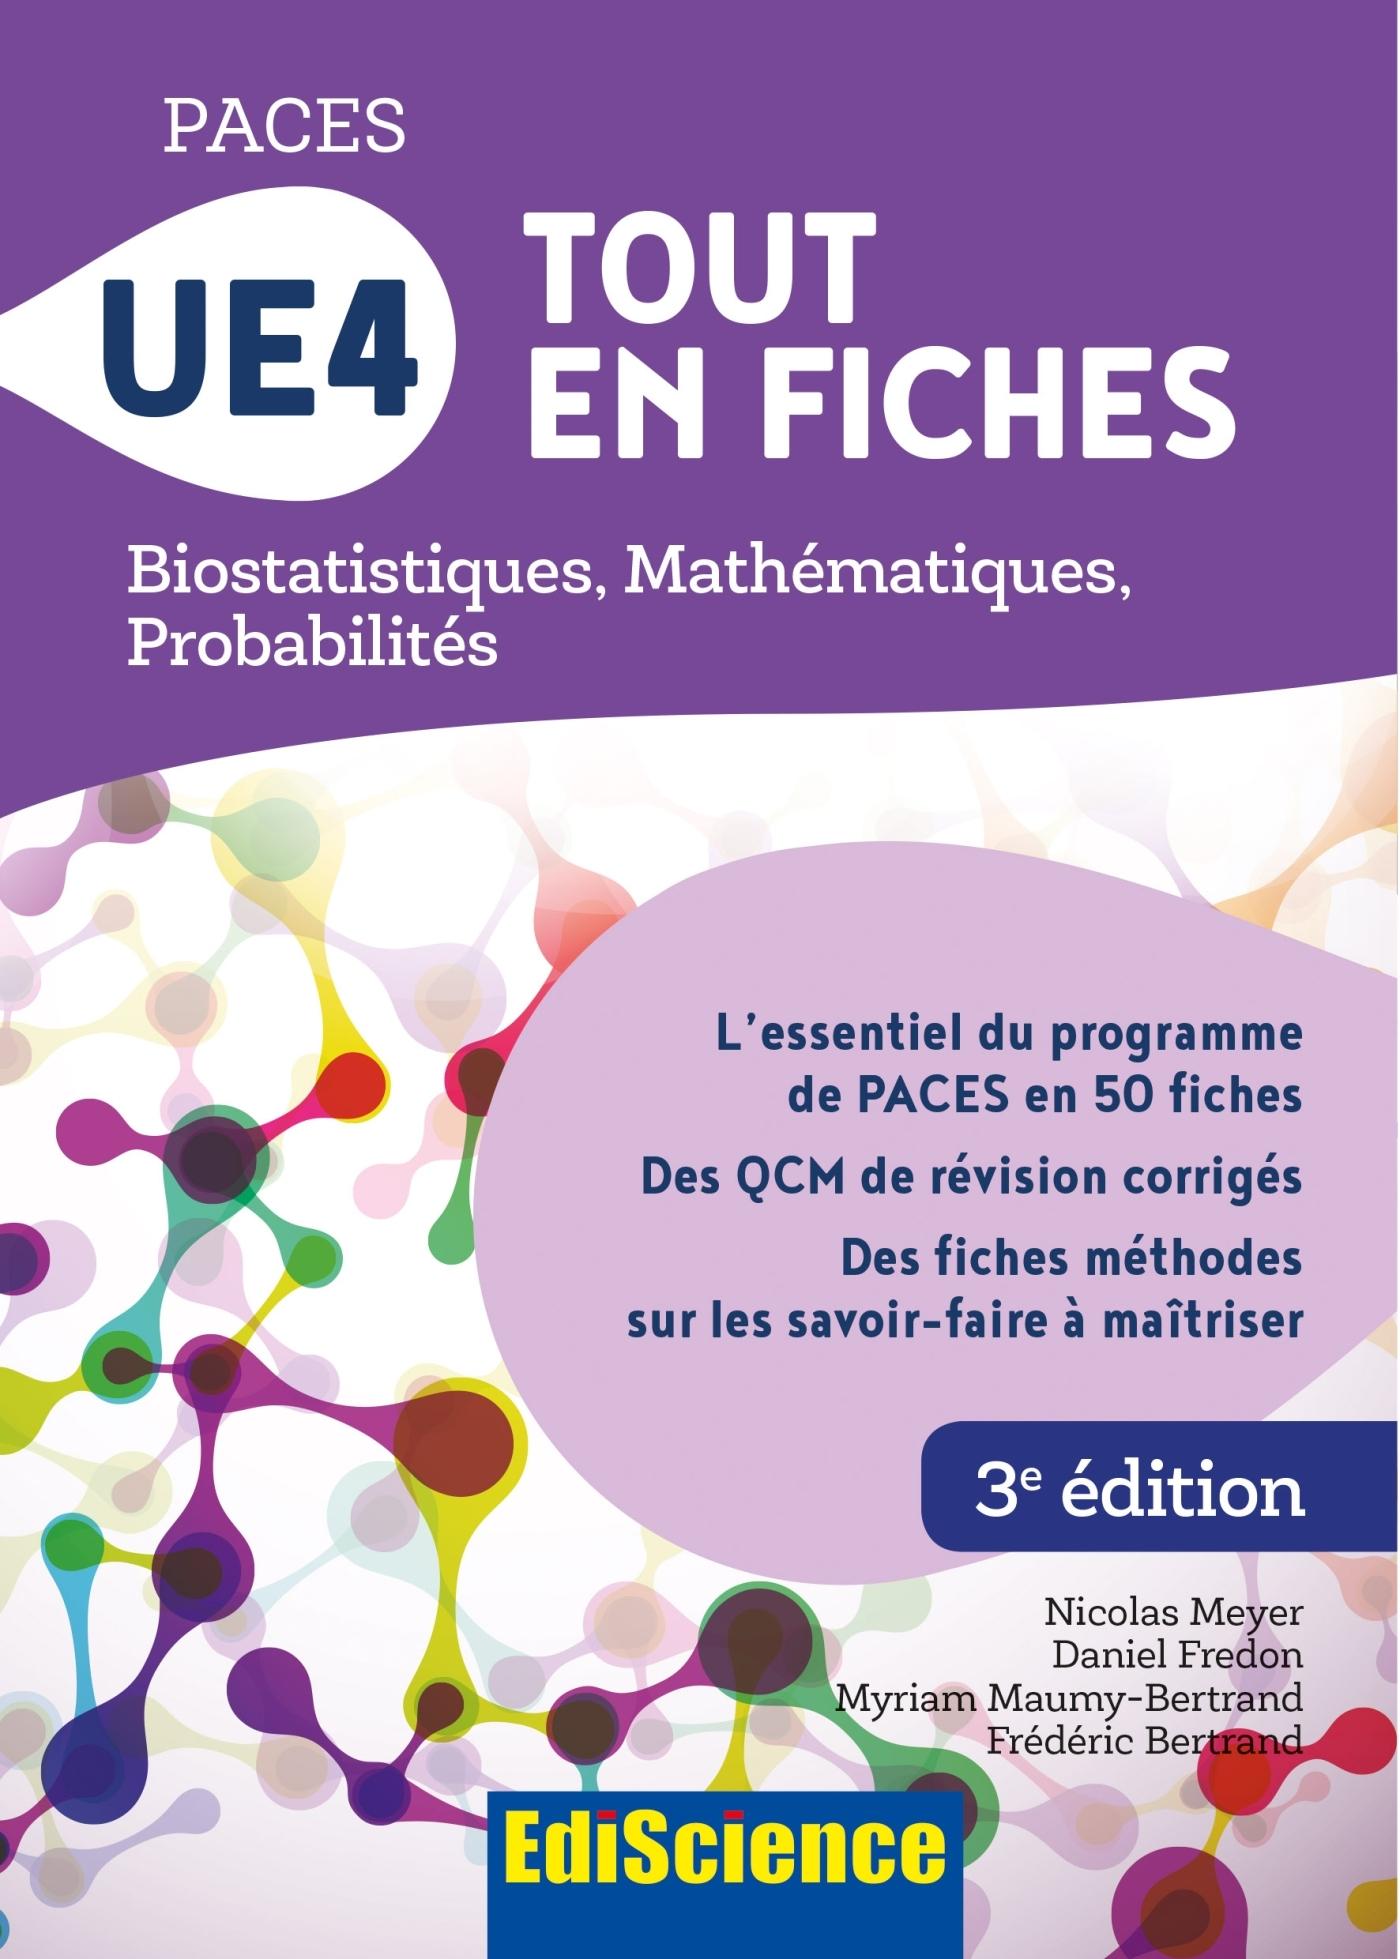 PACES UE4 TOUT EN FICHES - MATHEMATIQUES, PROBABILITES, BIOSTATISTIQUES